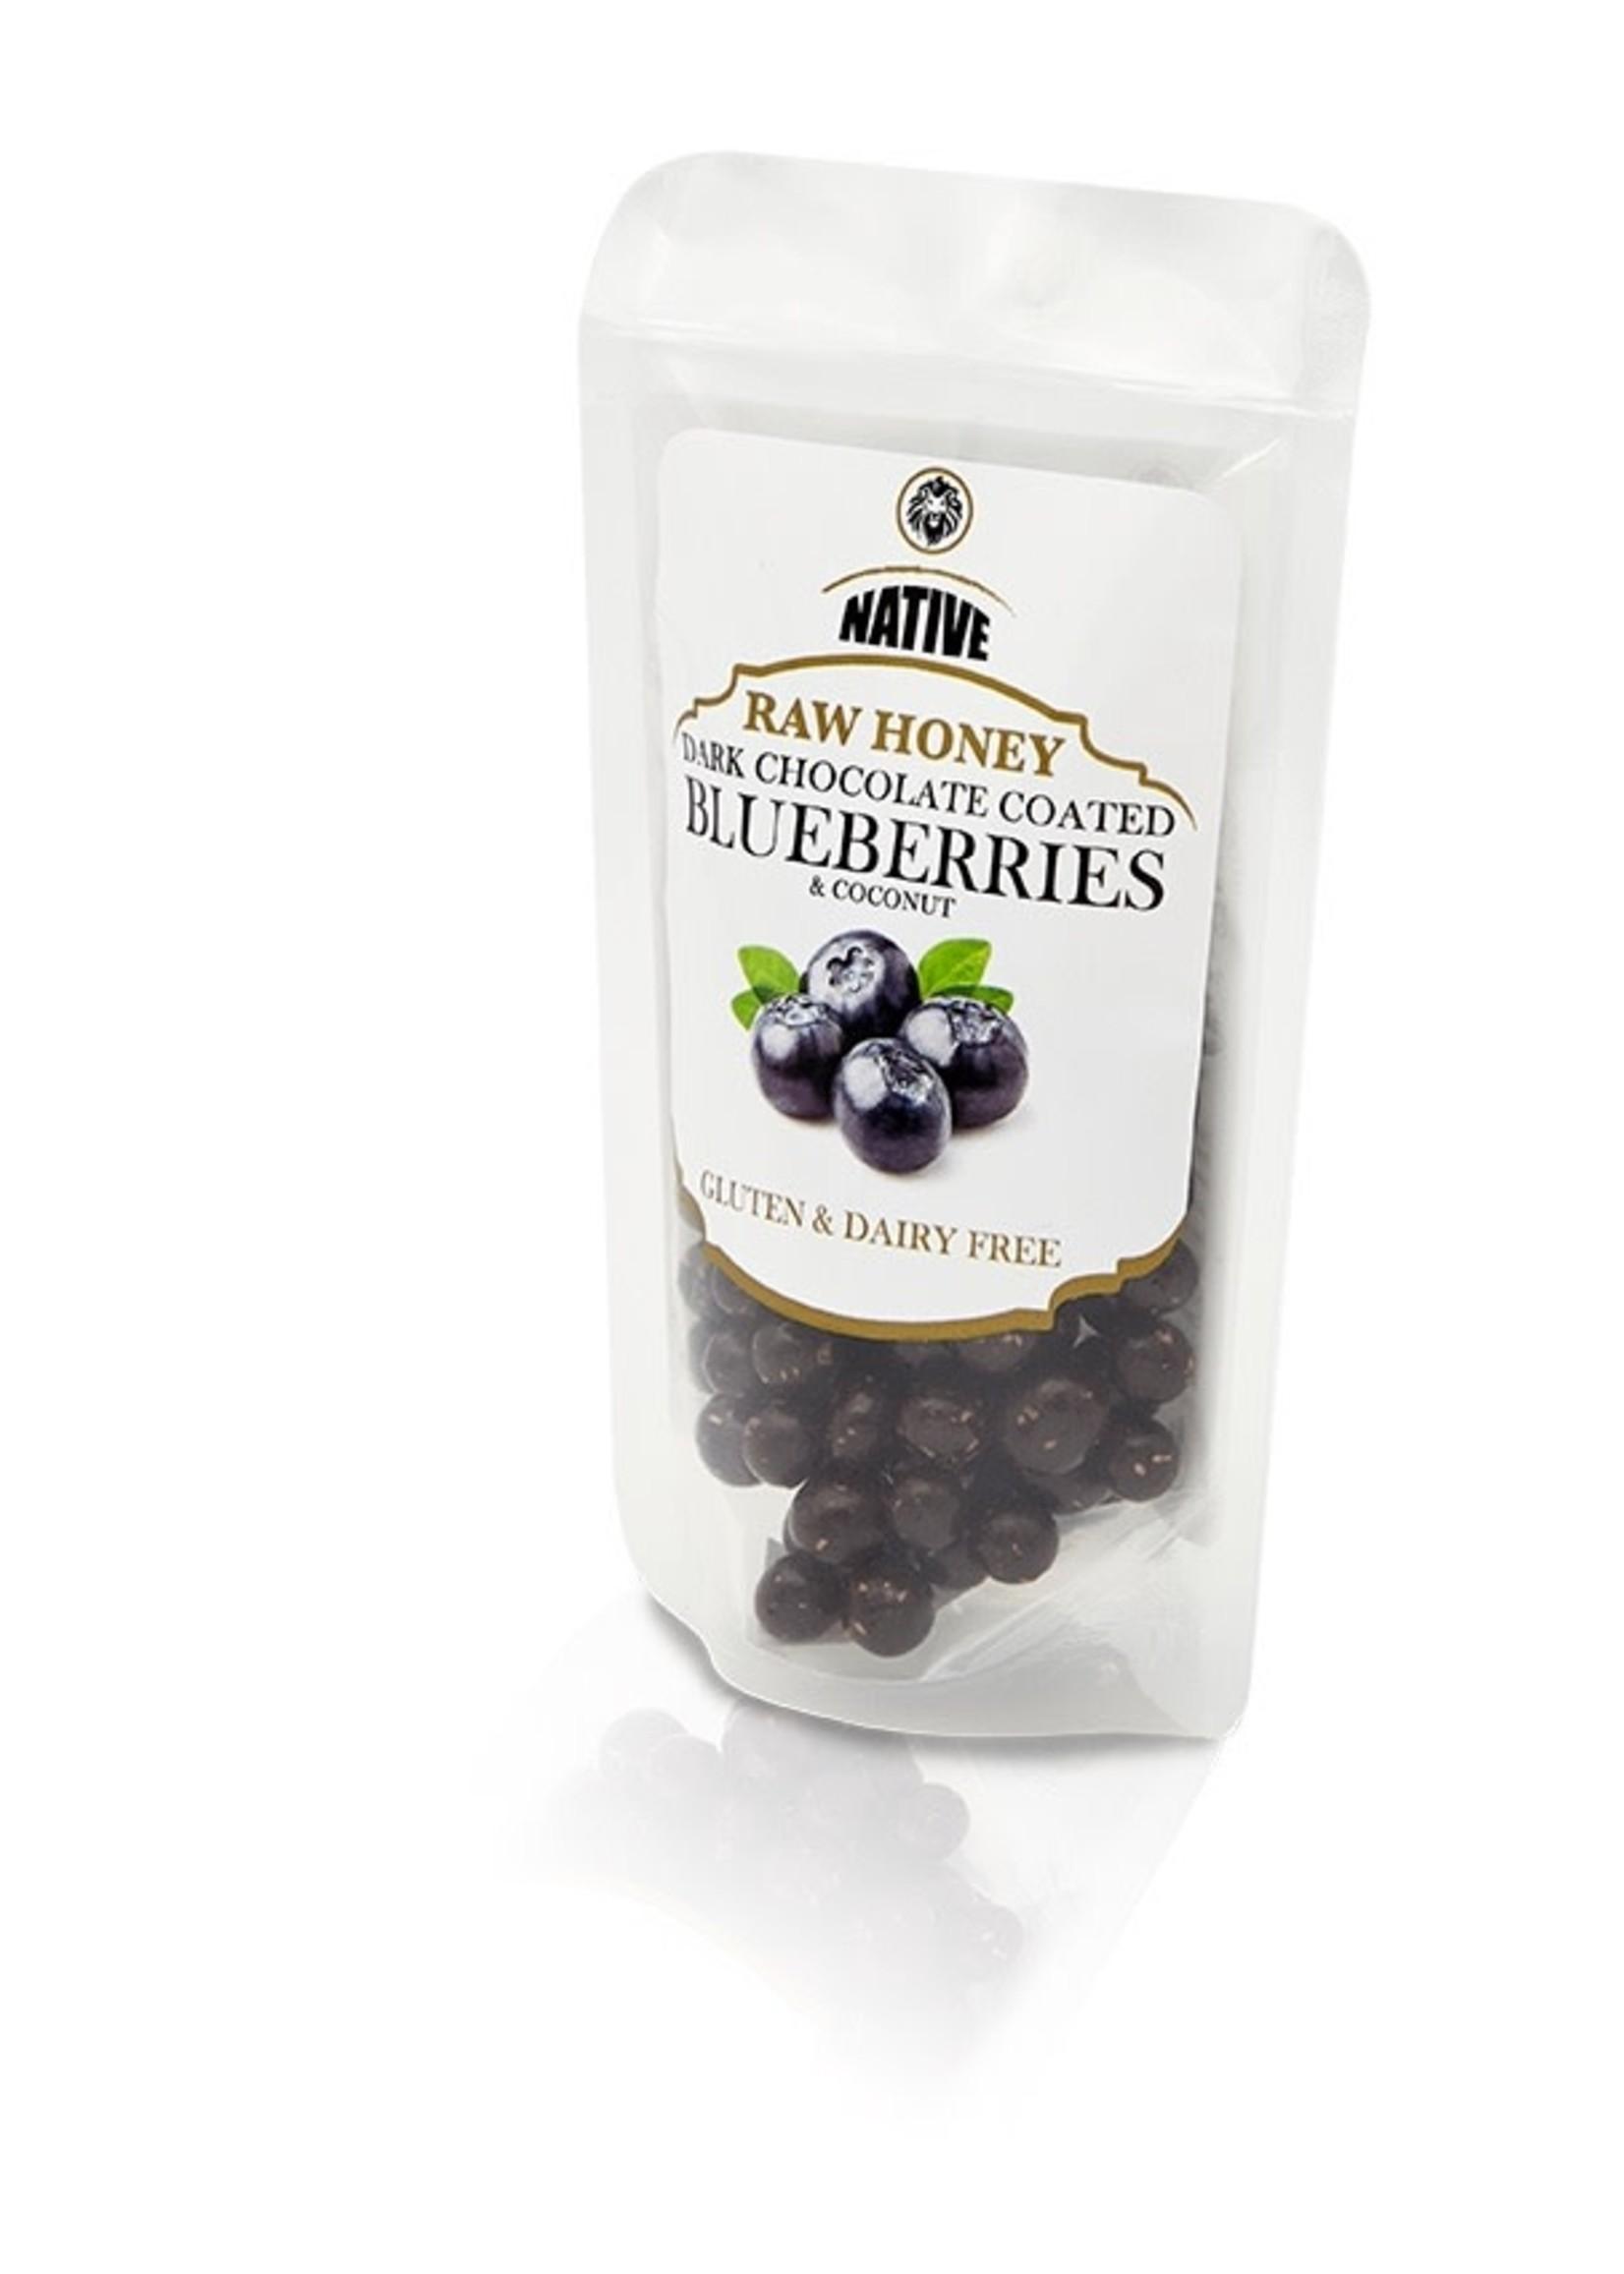 Native Native - Blueberry- Raw Honey & Choc 50g